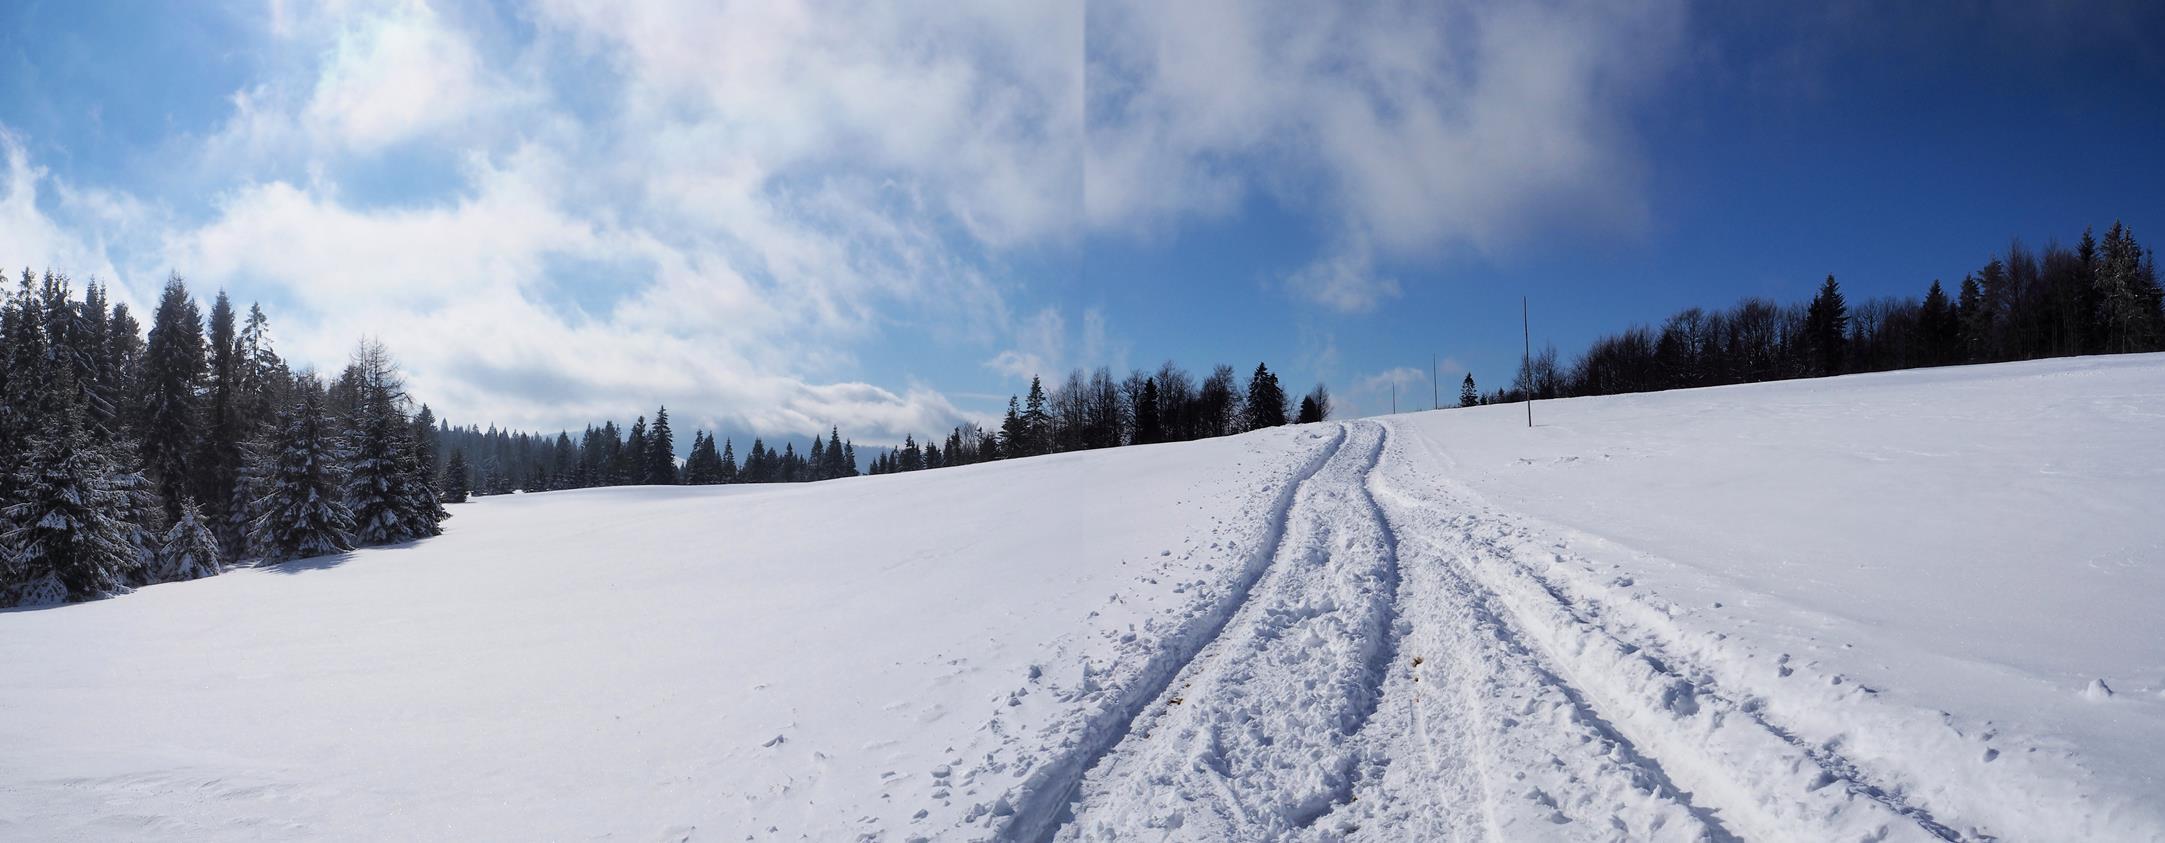 Przejazd przez Baranówkę - nawet tyczki z oznaczeniami postawili, a tu śniegu 20 cm...